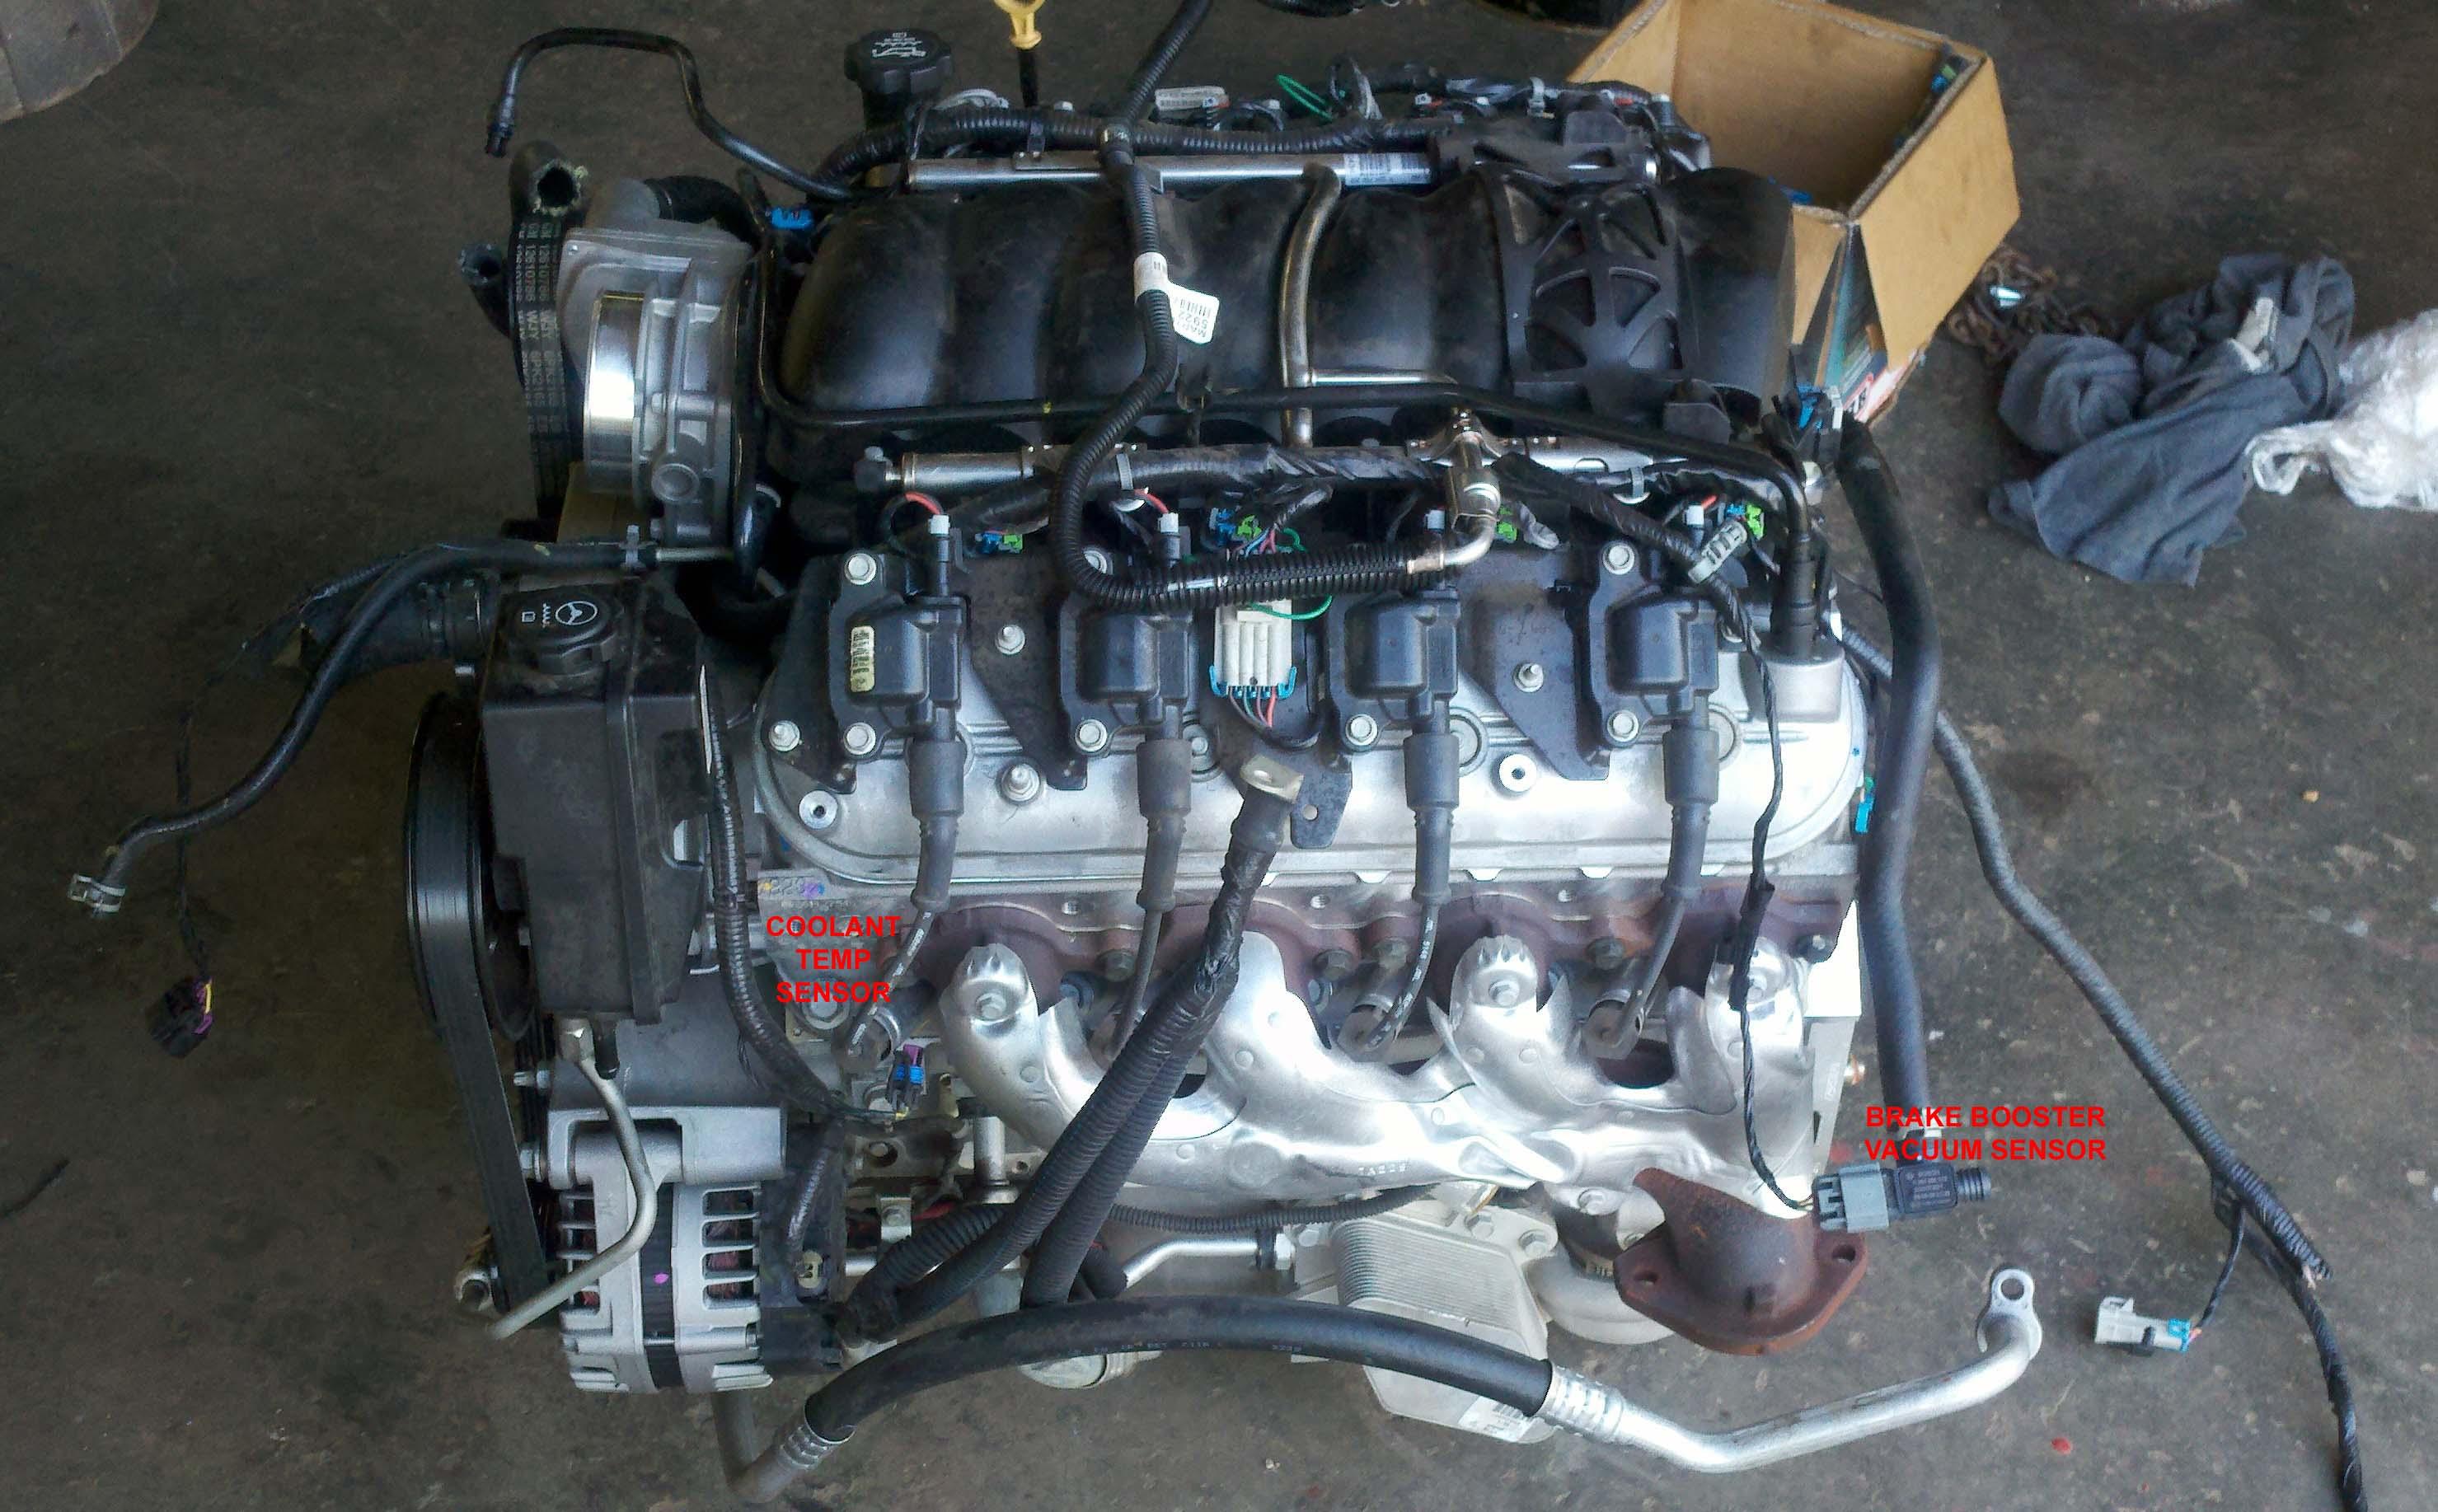 2010 Camaro Engine Wiring Diagram Wire Data Schema Ac Schematic To 2011 Ls3 L99 6 2l Information Rh Lt1swap Com 69 Radio